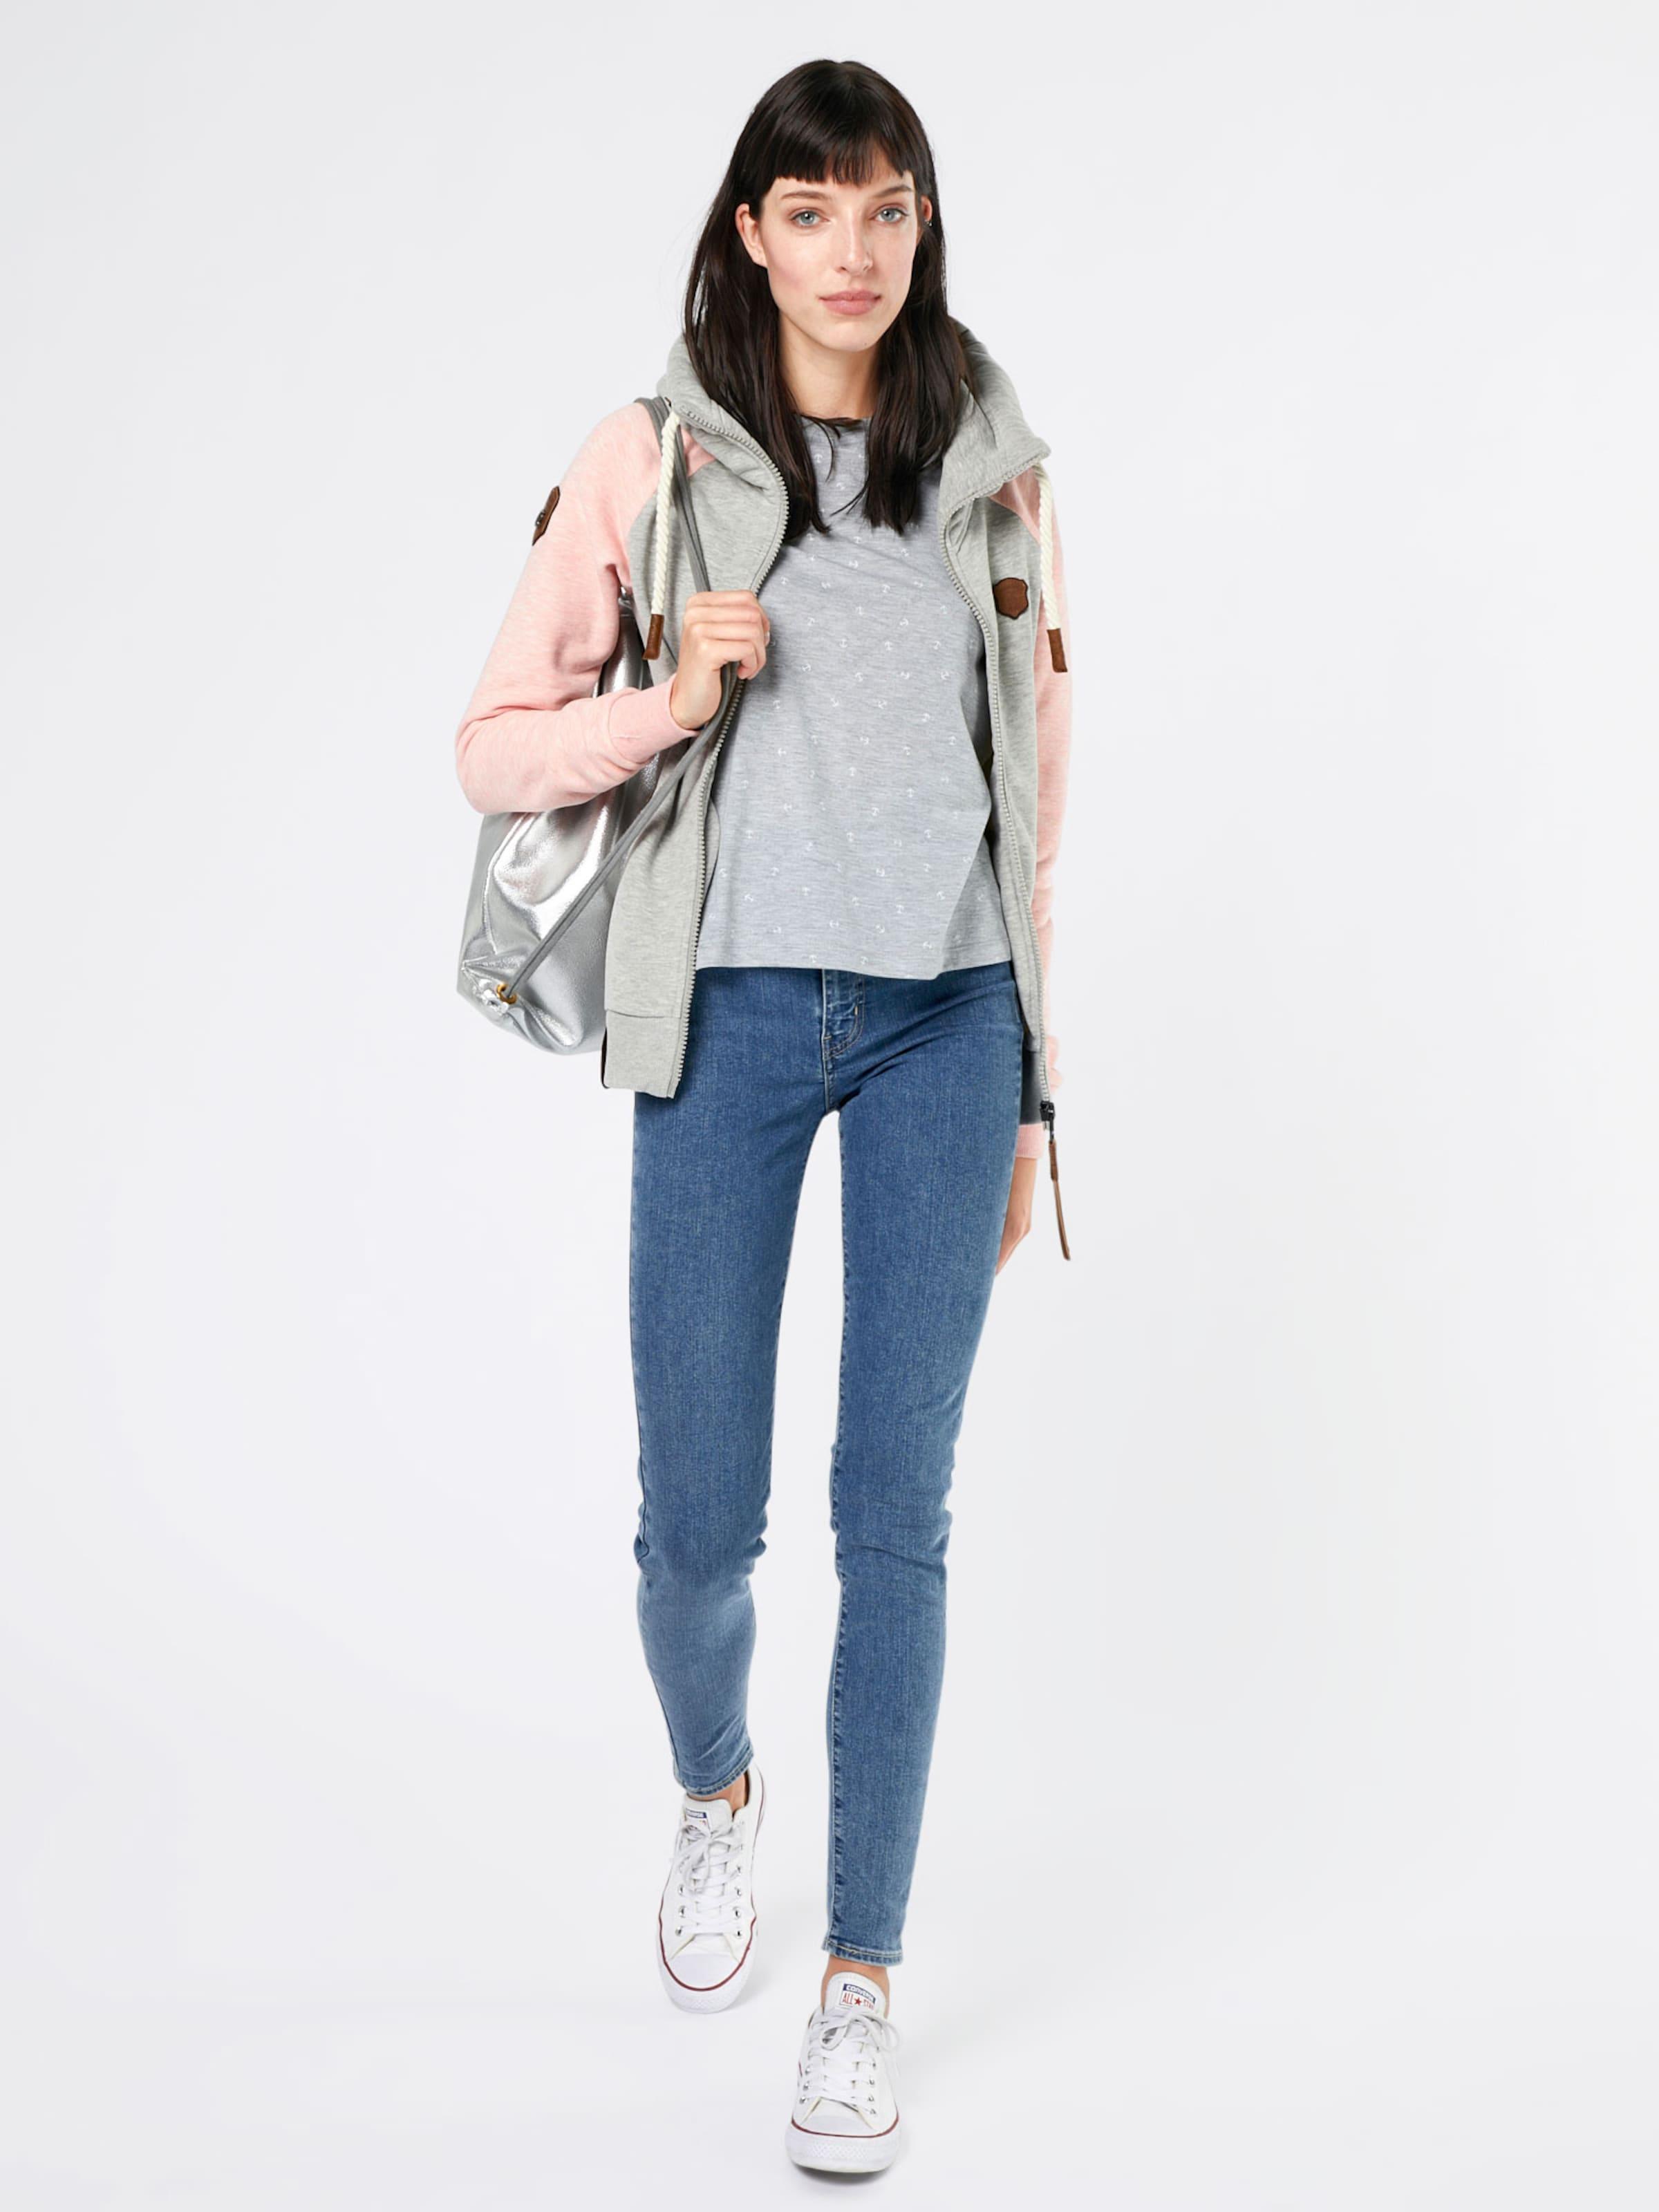 Auslass Extrem Billig Verkauf Veröffentlichungstermine naketano Female Zipped Jacket Mach klar jetzt Neue Ankunft Verkauf Online Rabatt Zuverlässig kHXzdbxjw